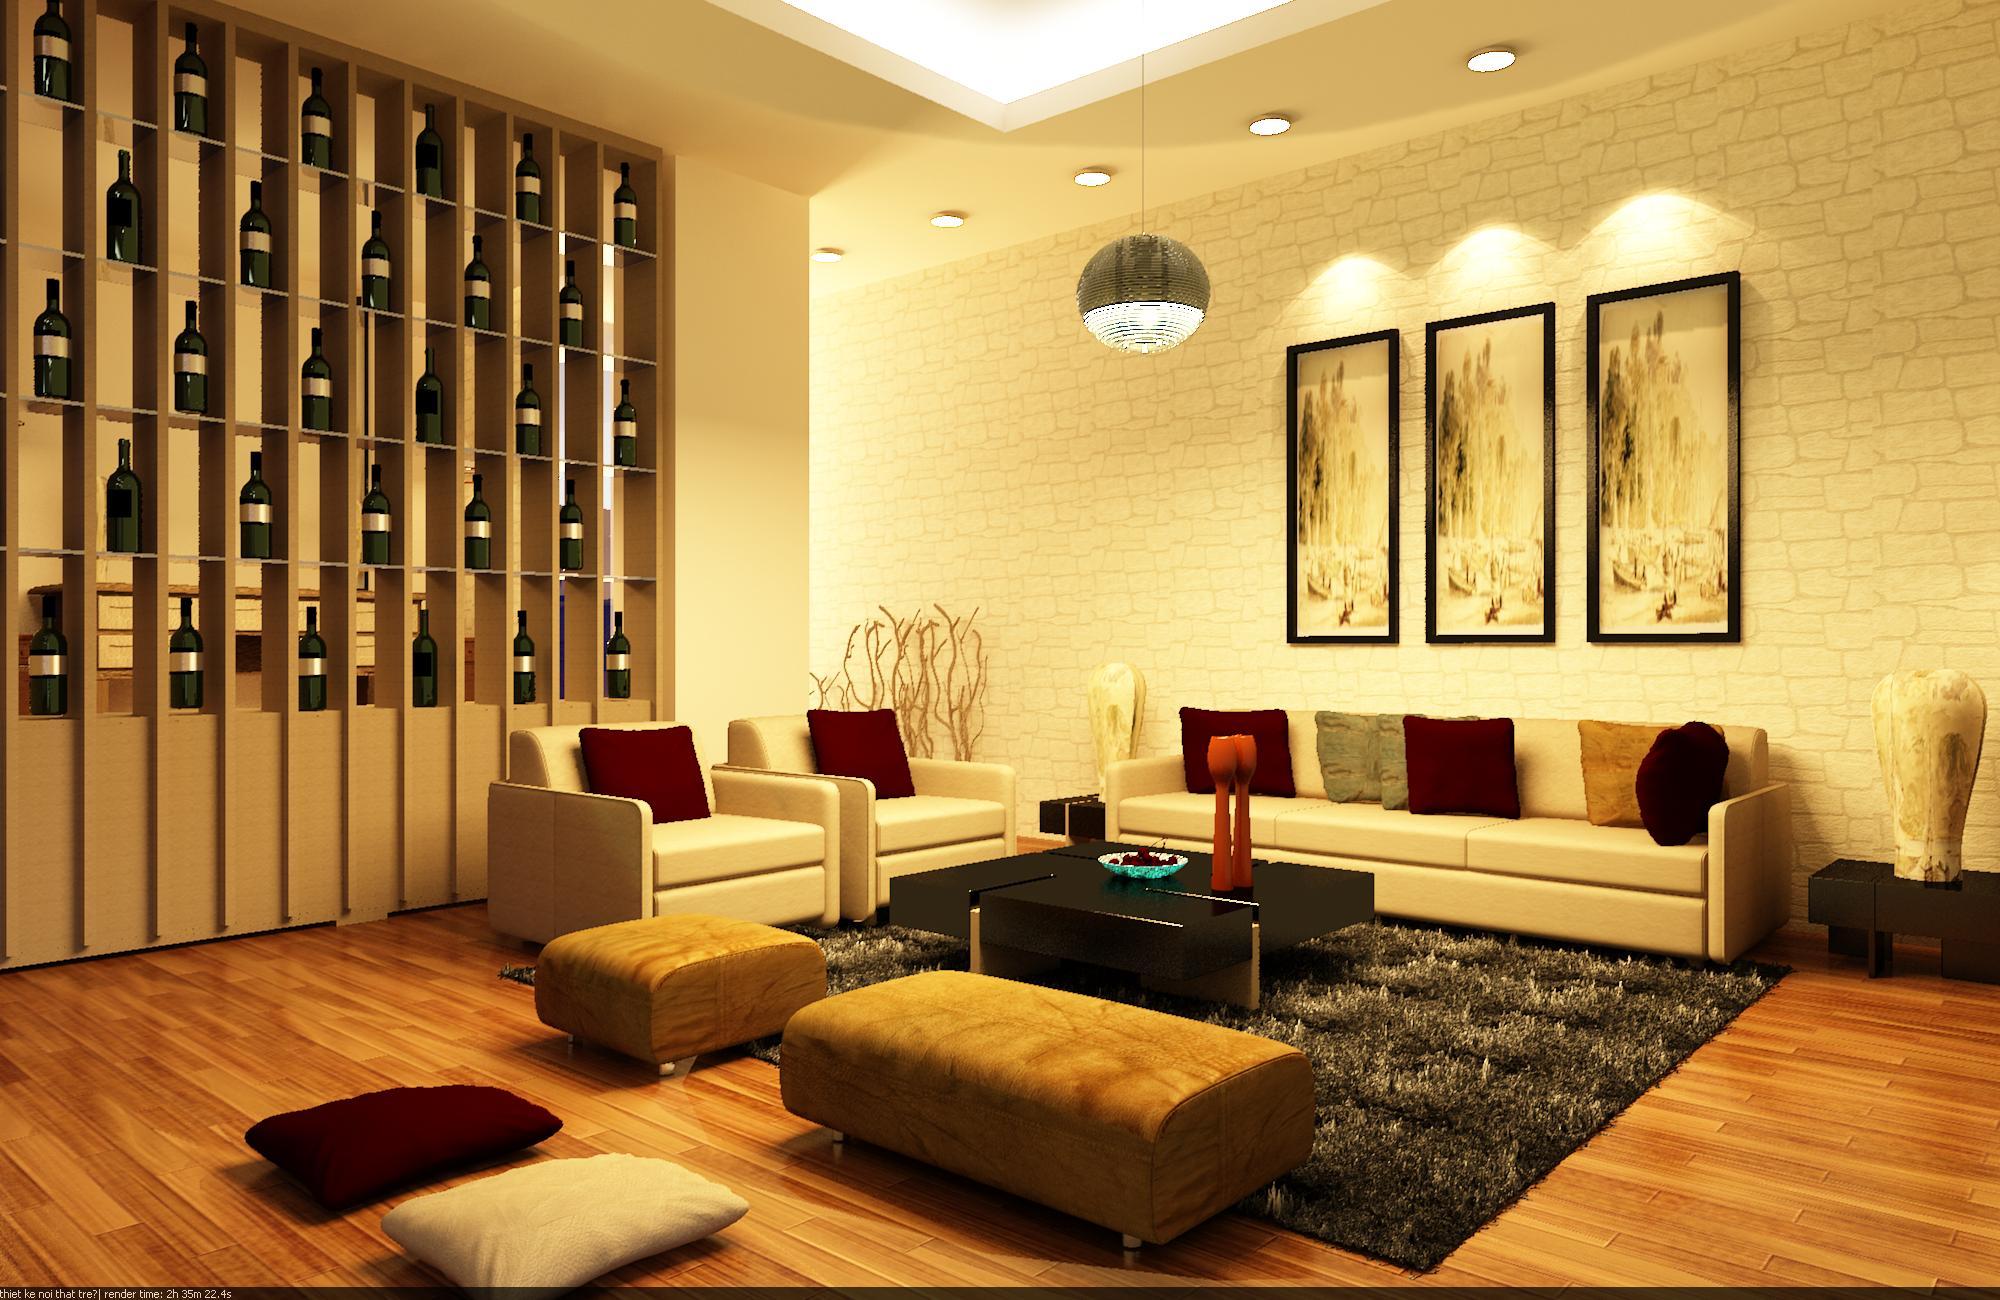 Phong cách thiết kế nội thất với đồ dùng ánh kim vàng đồng